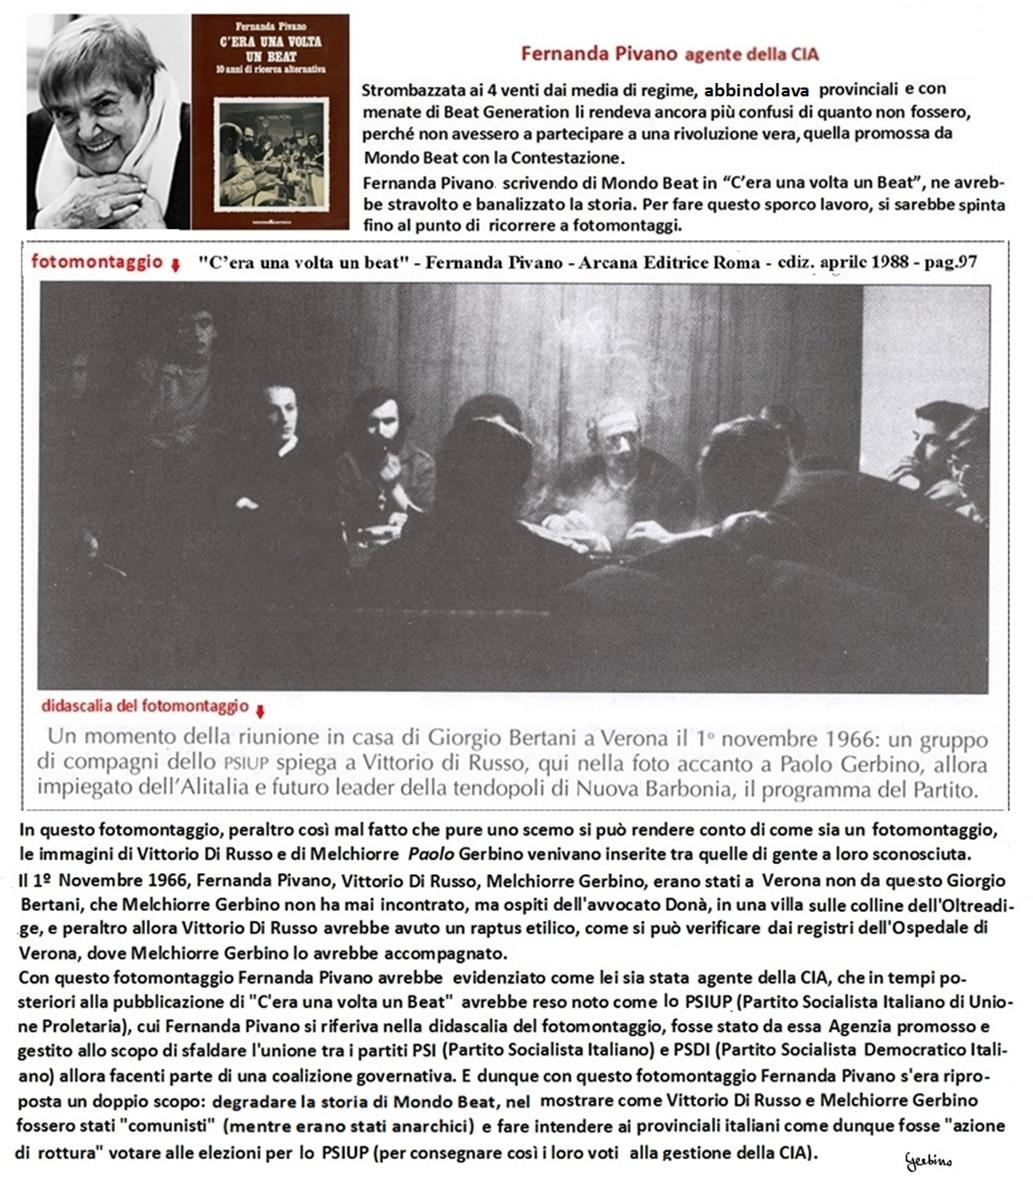 La CIA stessa avrebbe reso noto che lo PSIUP era stato da essa Agenzia creato e gestito